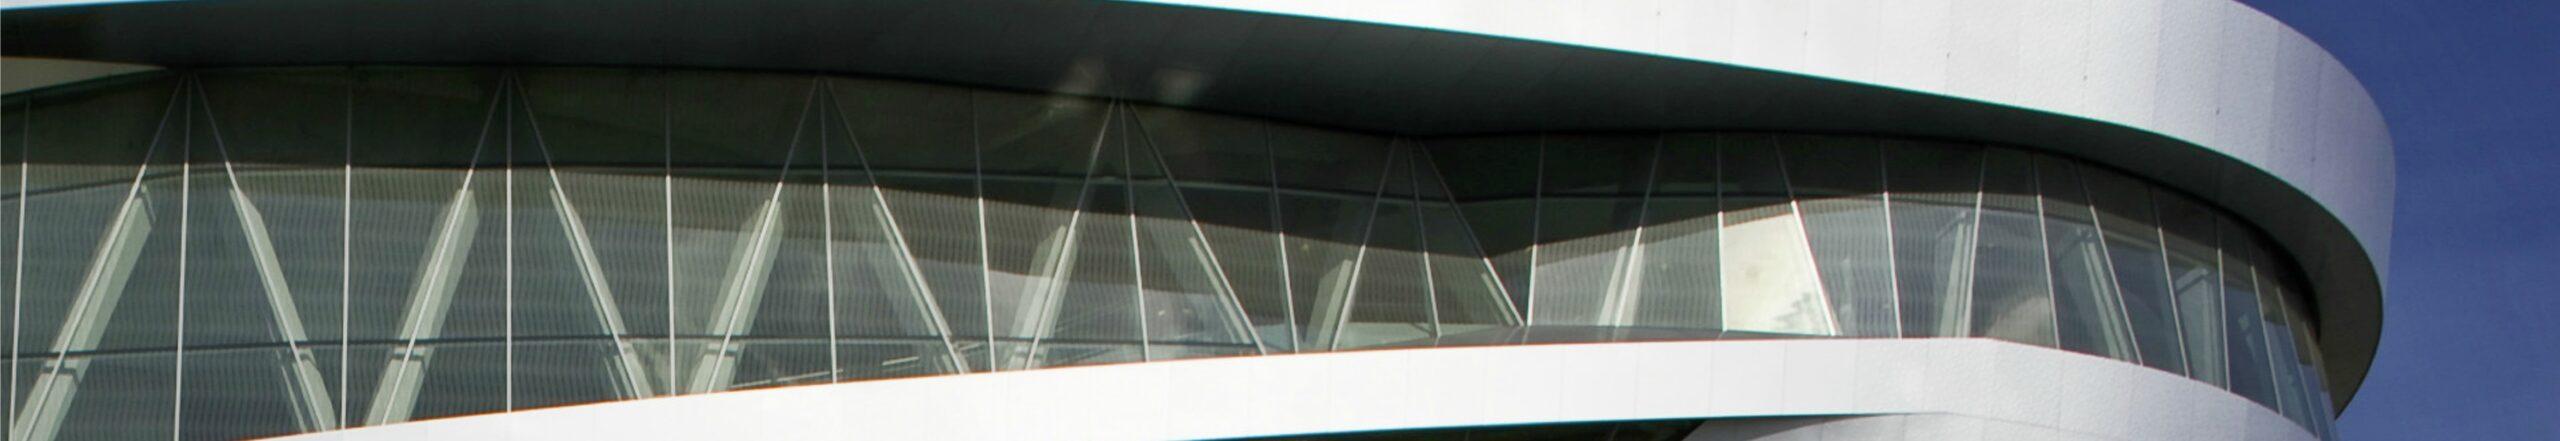 Standorte Stuttgart Header